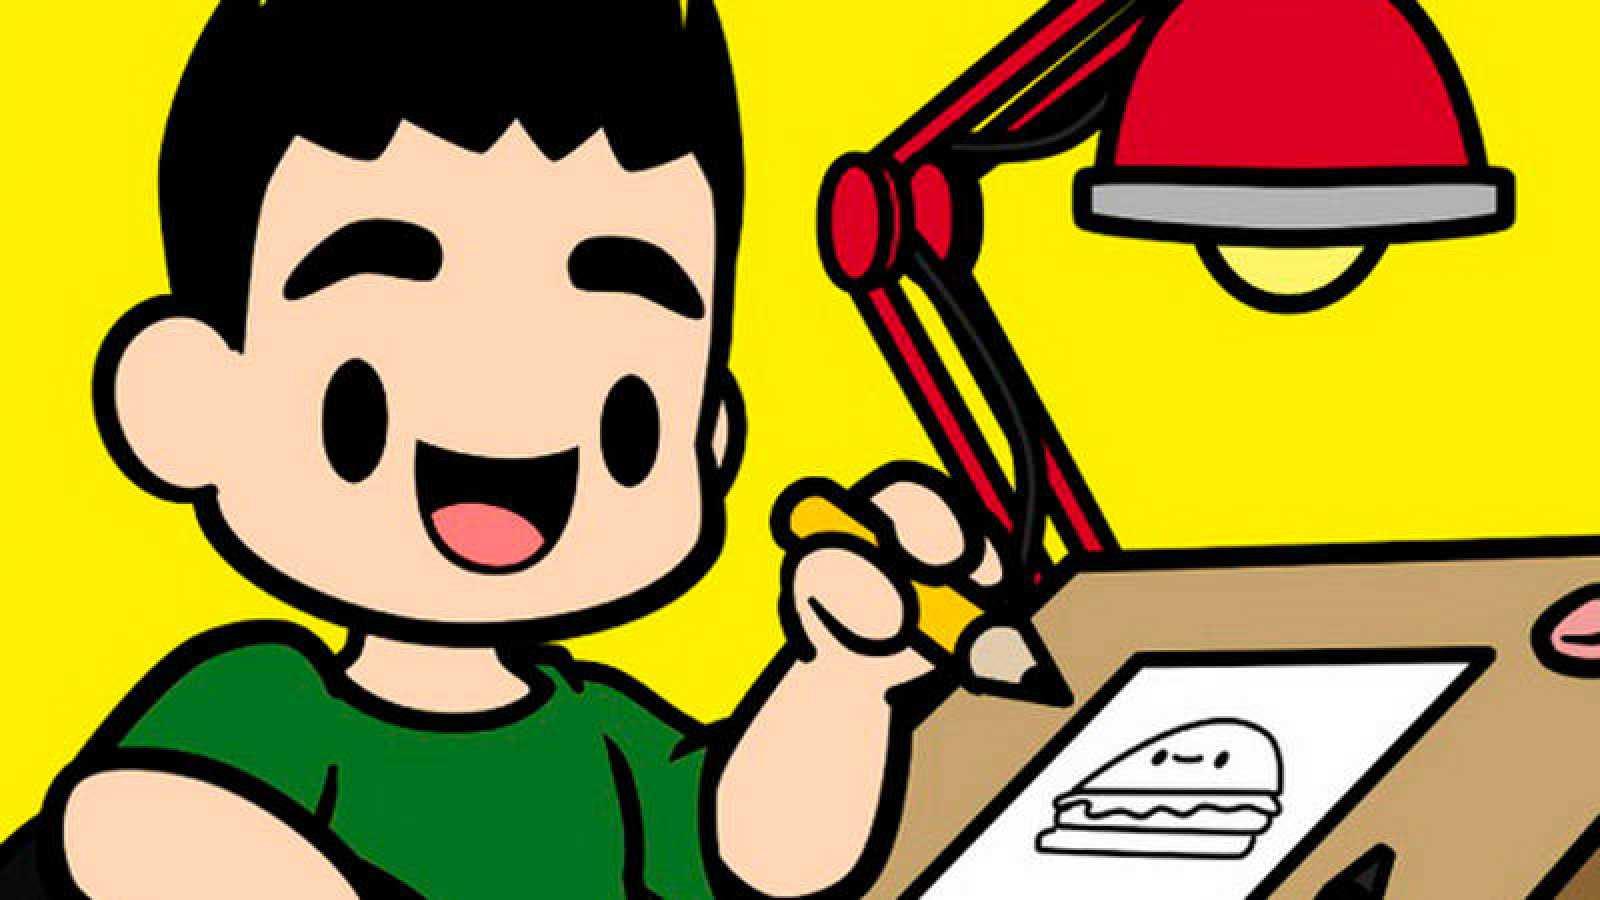 Kawaii El Estilo Ideal Para Que Los Niños Comiencen A Dibujar Rtvees